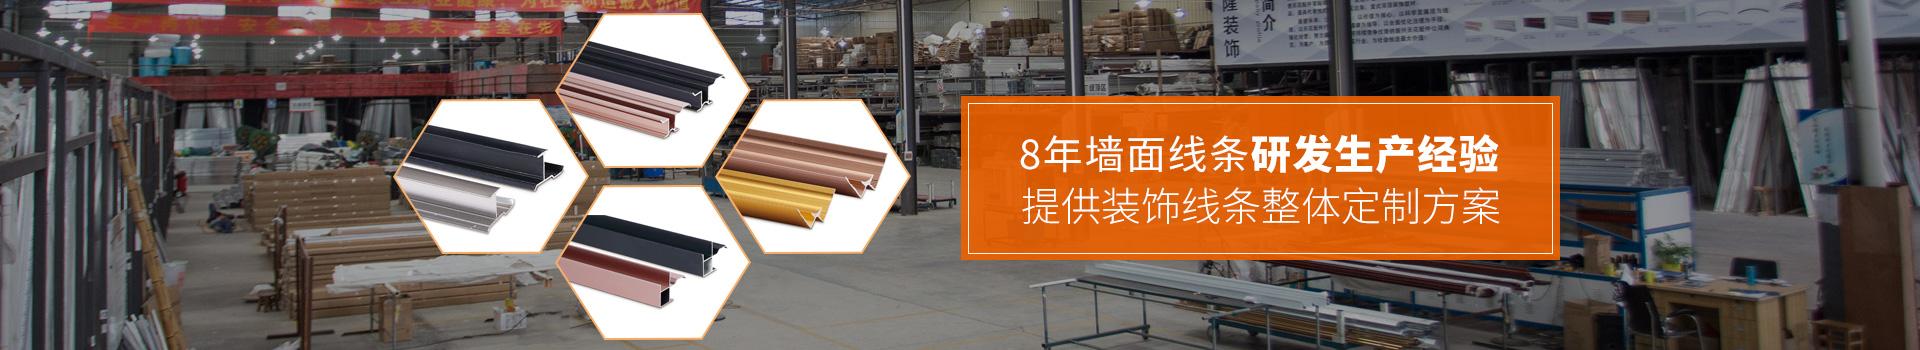 沙隆装饰-8年墙面线条研发生产经验,提供线条装饰整体定制方案